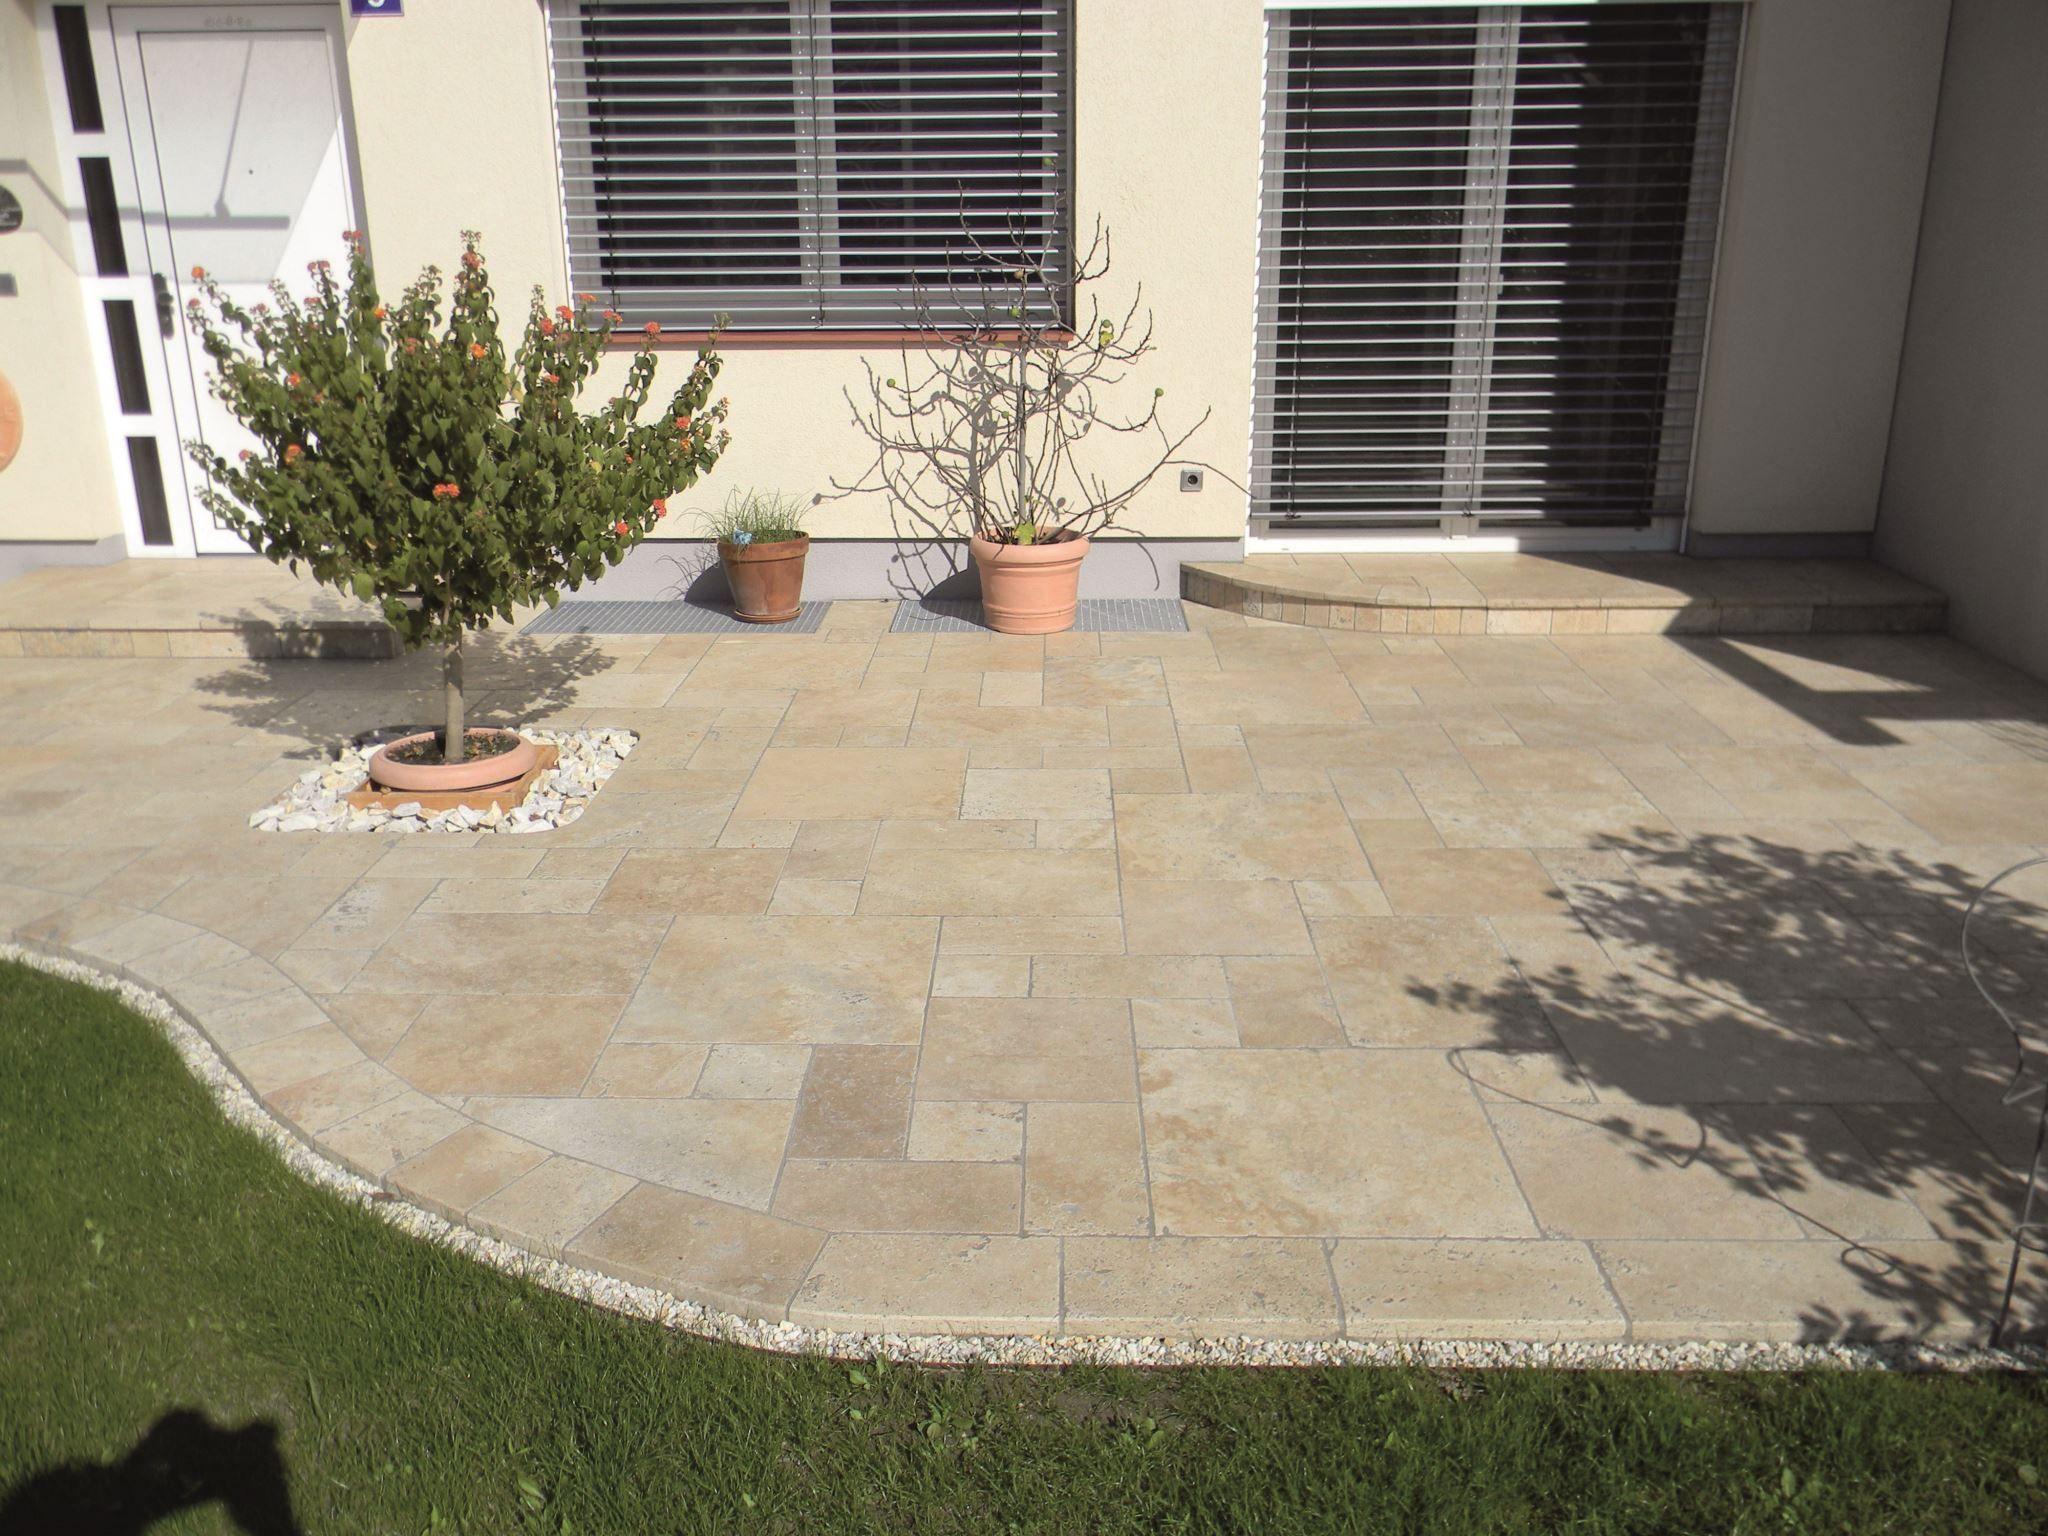 Bodenplatte 3 Cm Travertin Beige Stein Co In 2020 Garten Design Miniaturgarten Landschaftsgestaltung